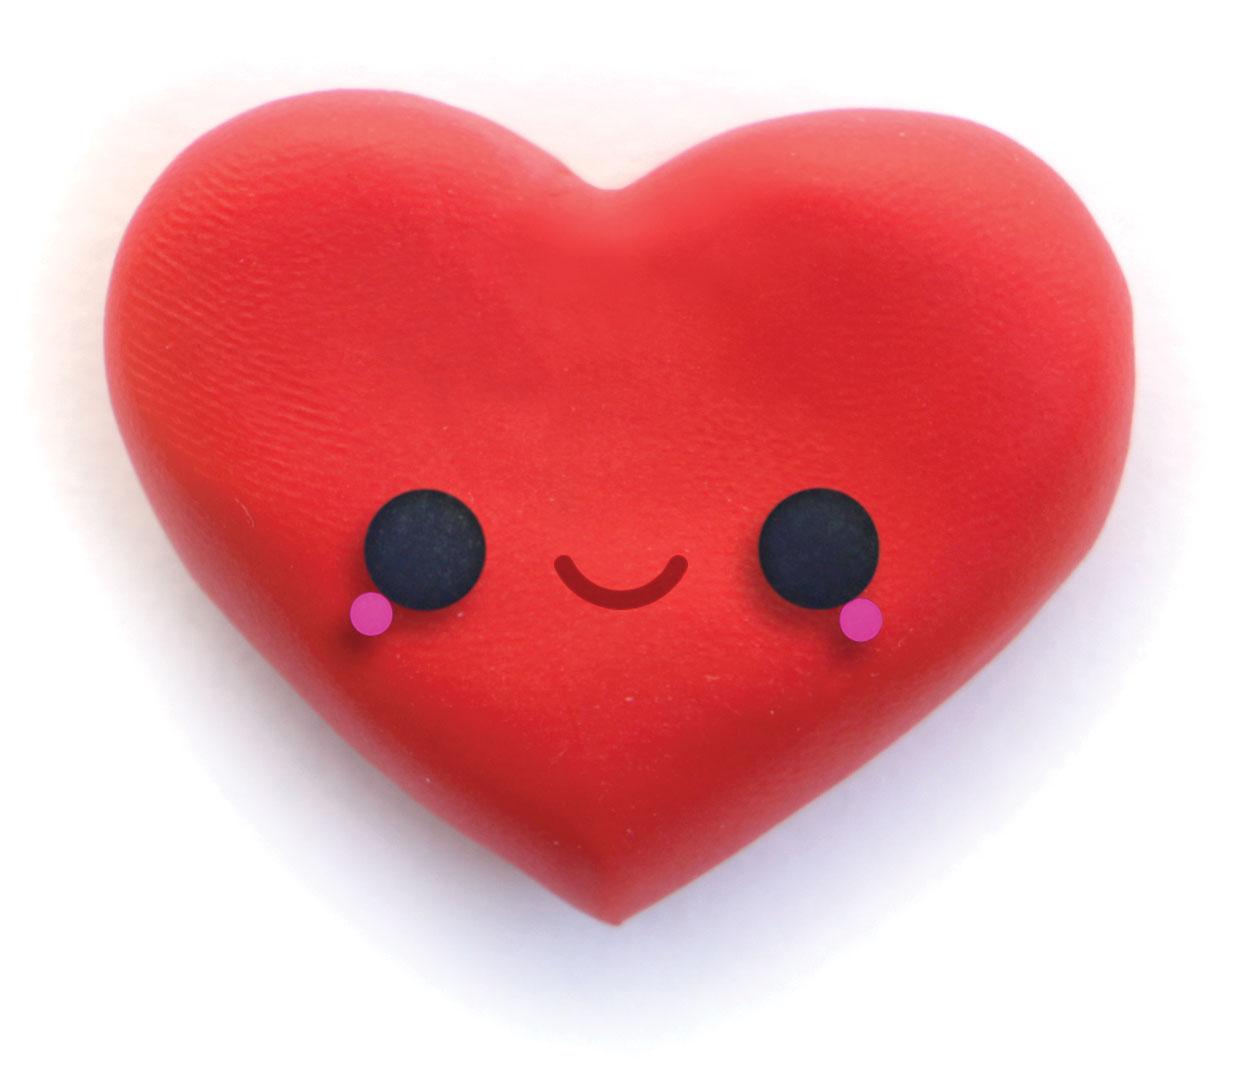 IMAGE 7 - Heart.jpg